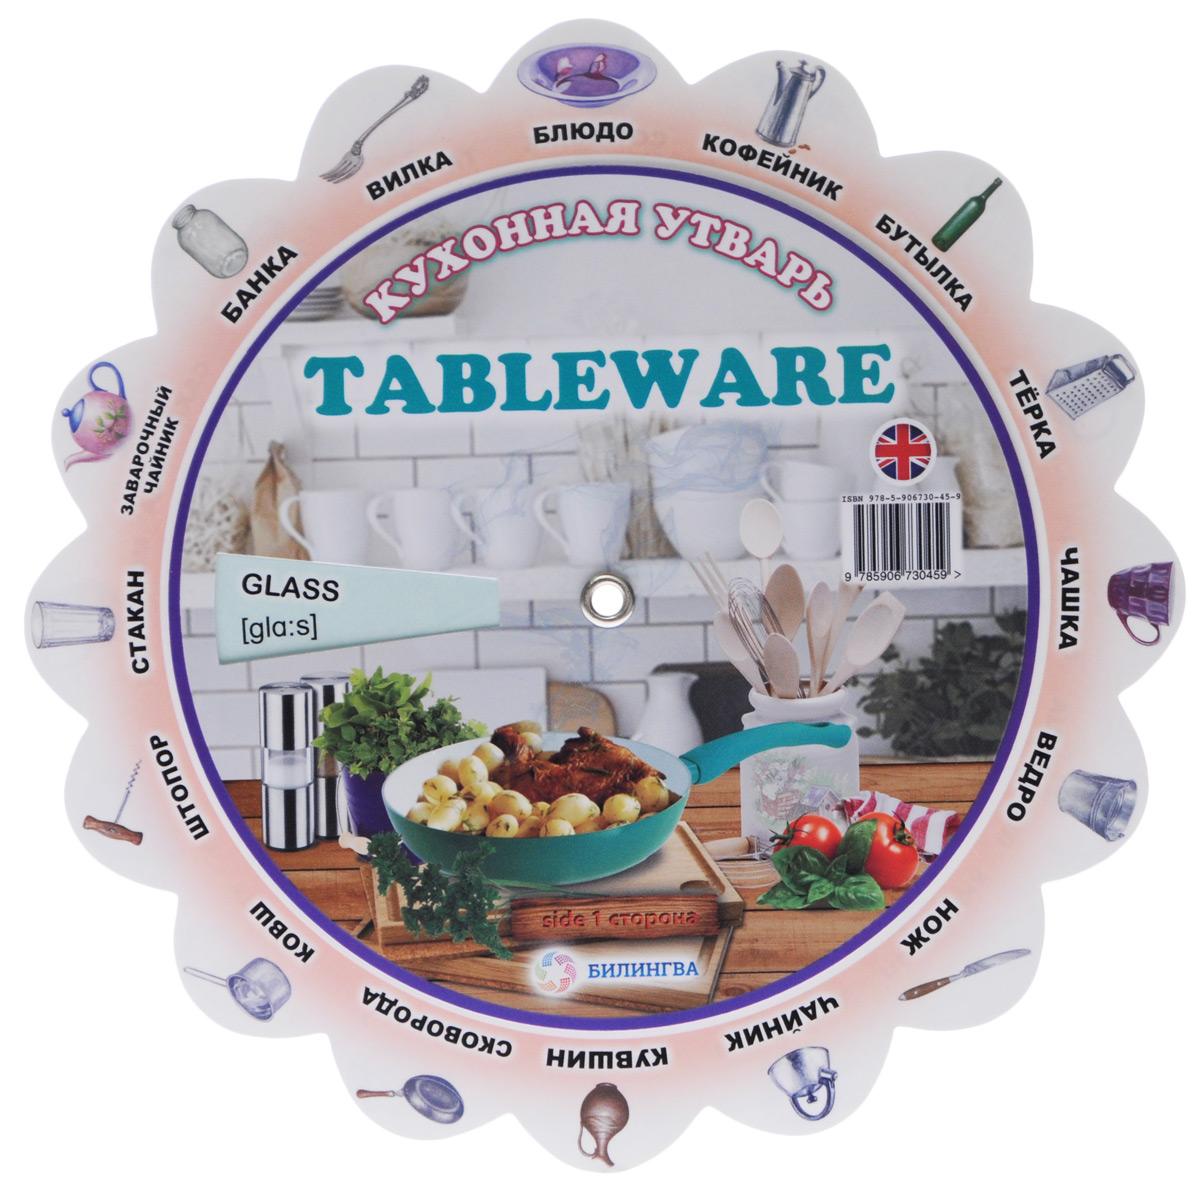 Tableware / Кухонная утварь. Иллюстрированный тематический словарь